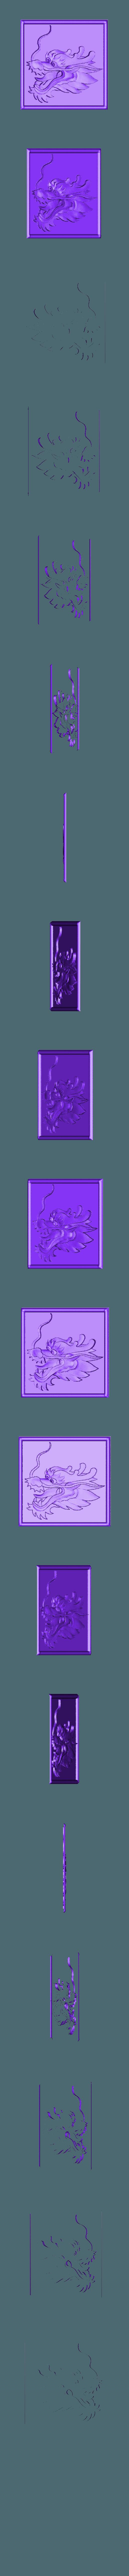 Dragon.stl Télécharger fichier STL gratuit Tête de dragon • Objet imprimable en 3D, Account-Closed